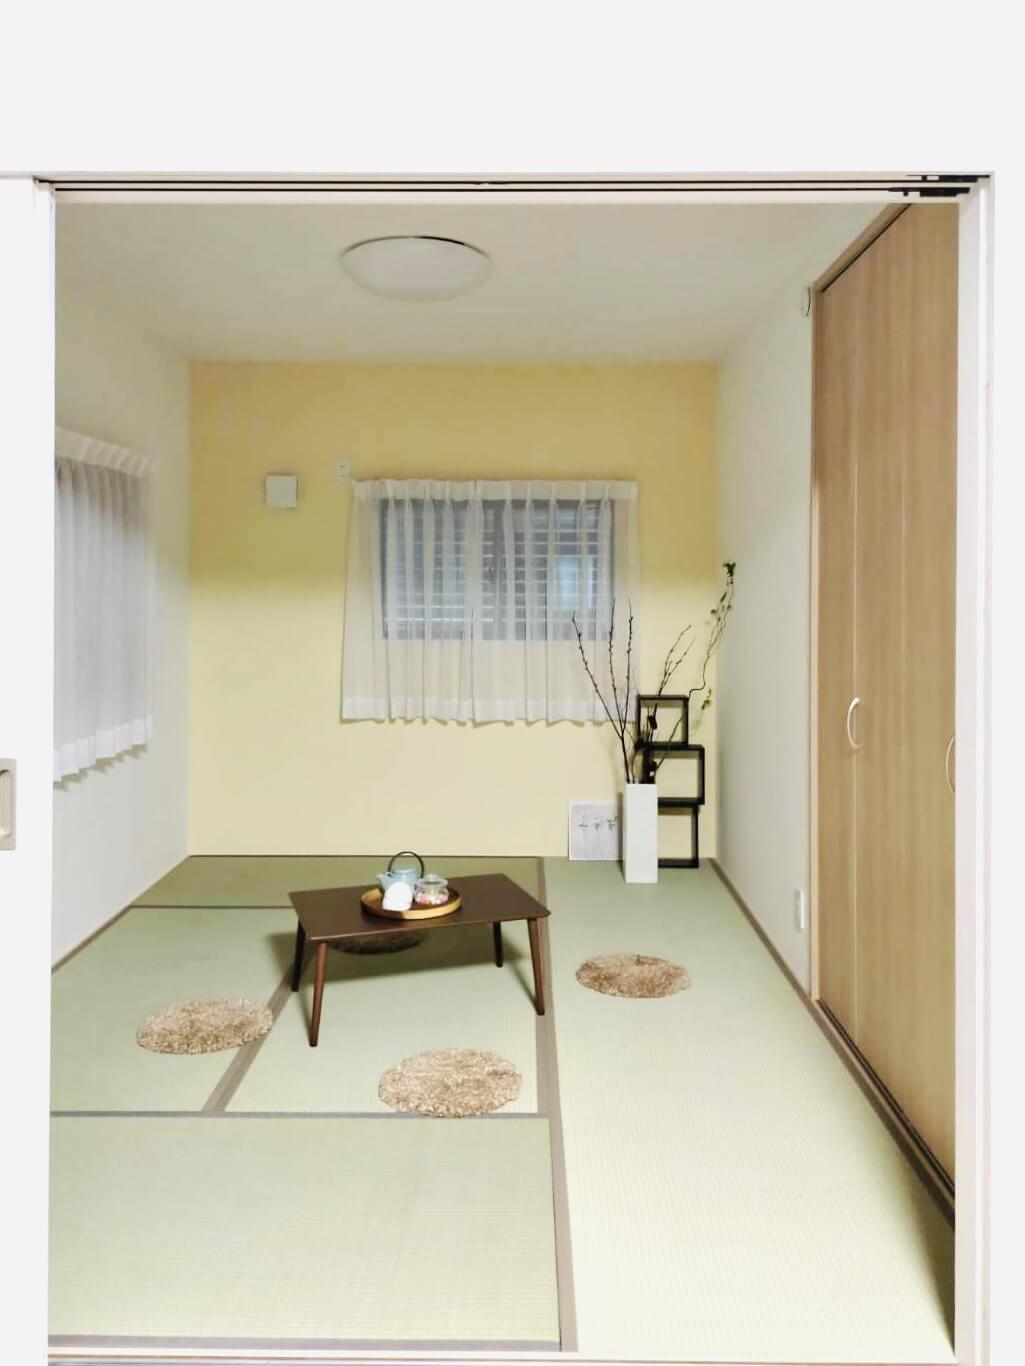 【筑西市】平屋住宅の完成見学会10月10日(土)から始まります。